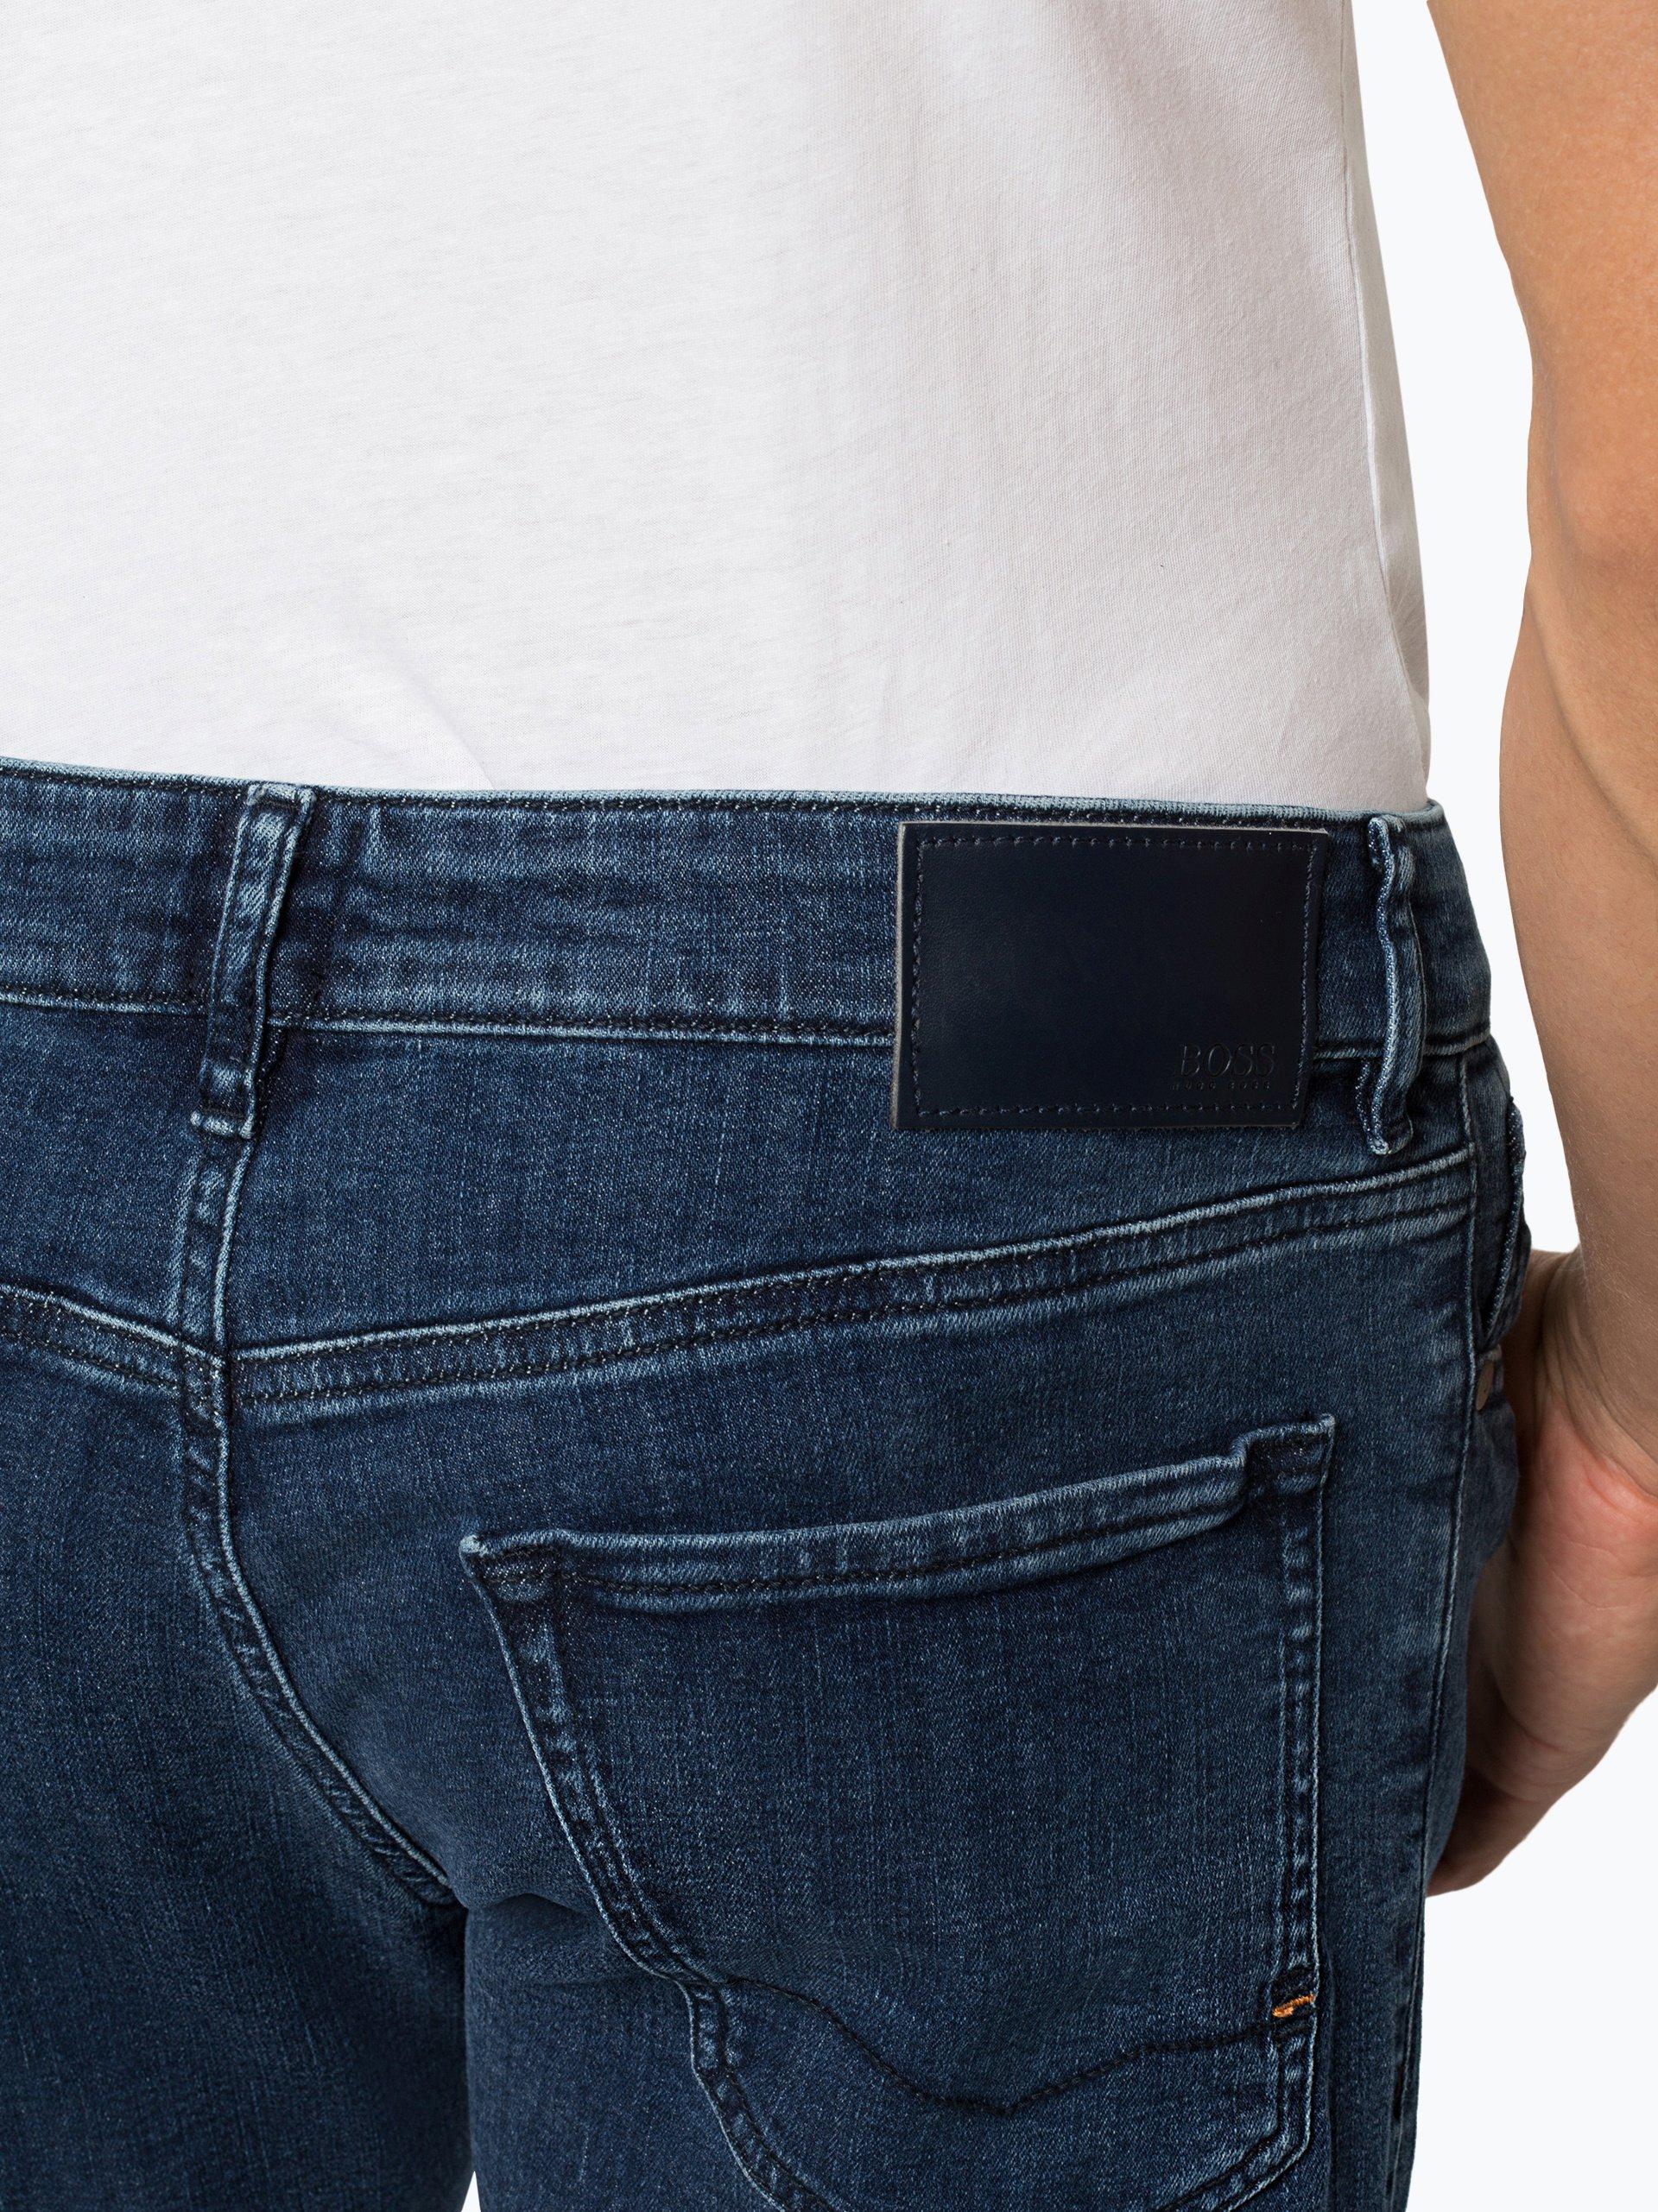 BOSS Casual Herren Jeans - Maine BC-P LAGOON